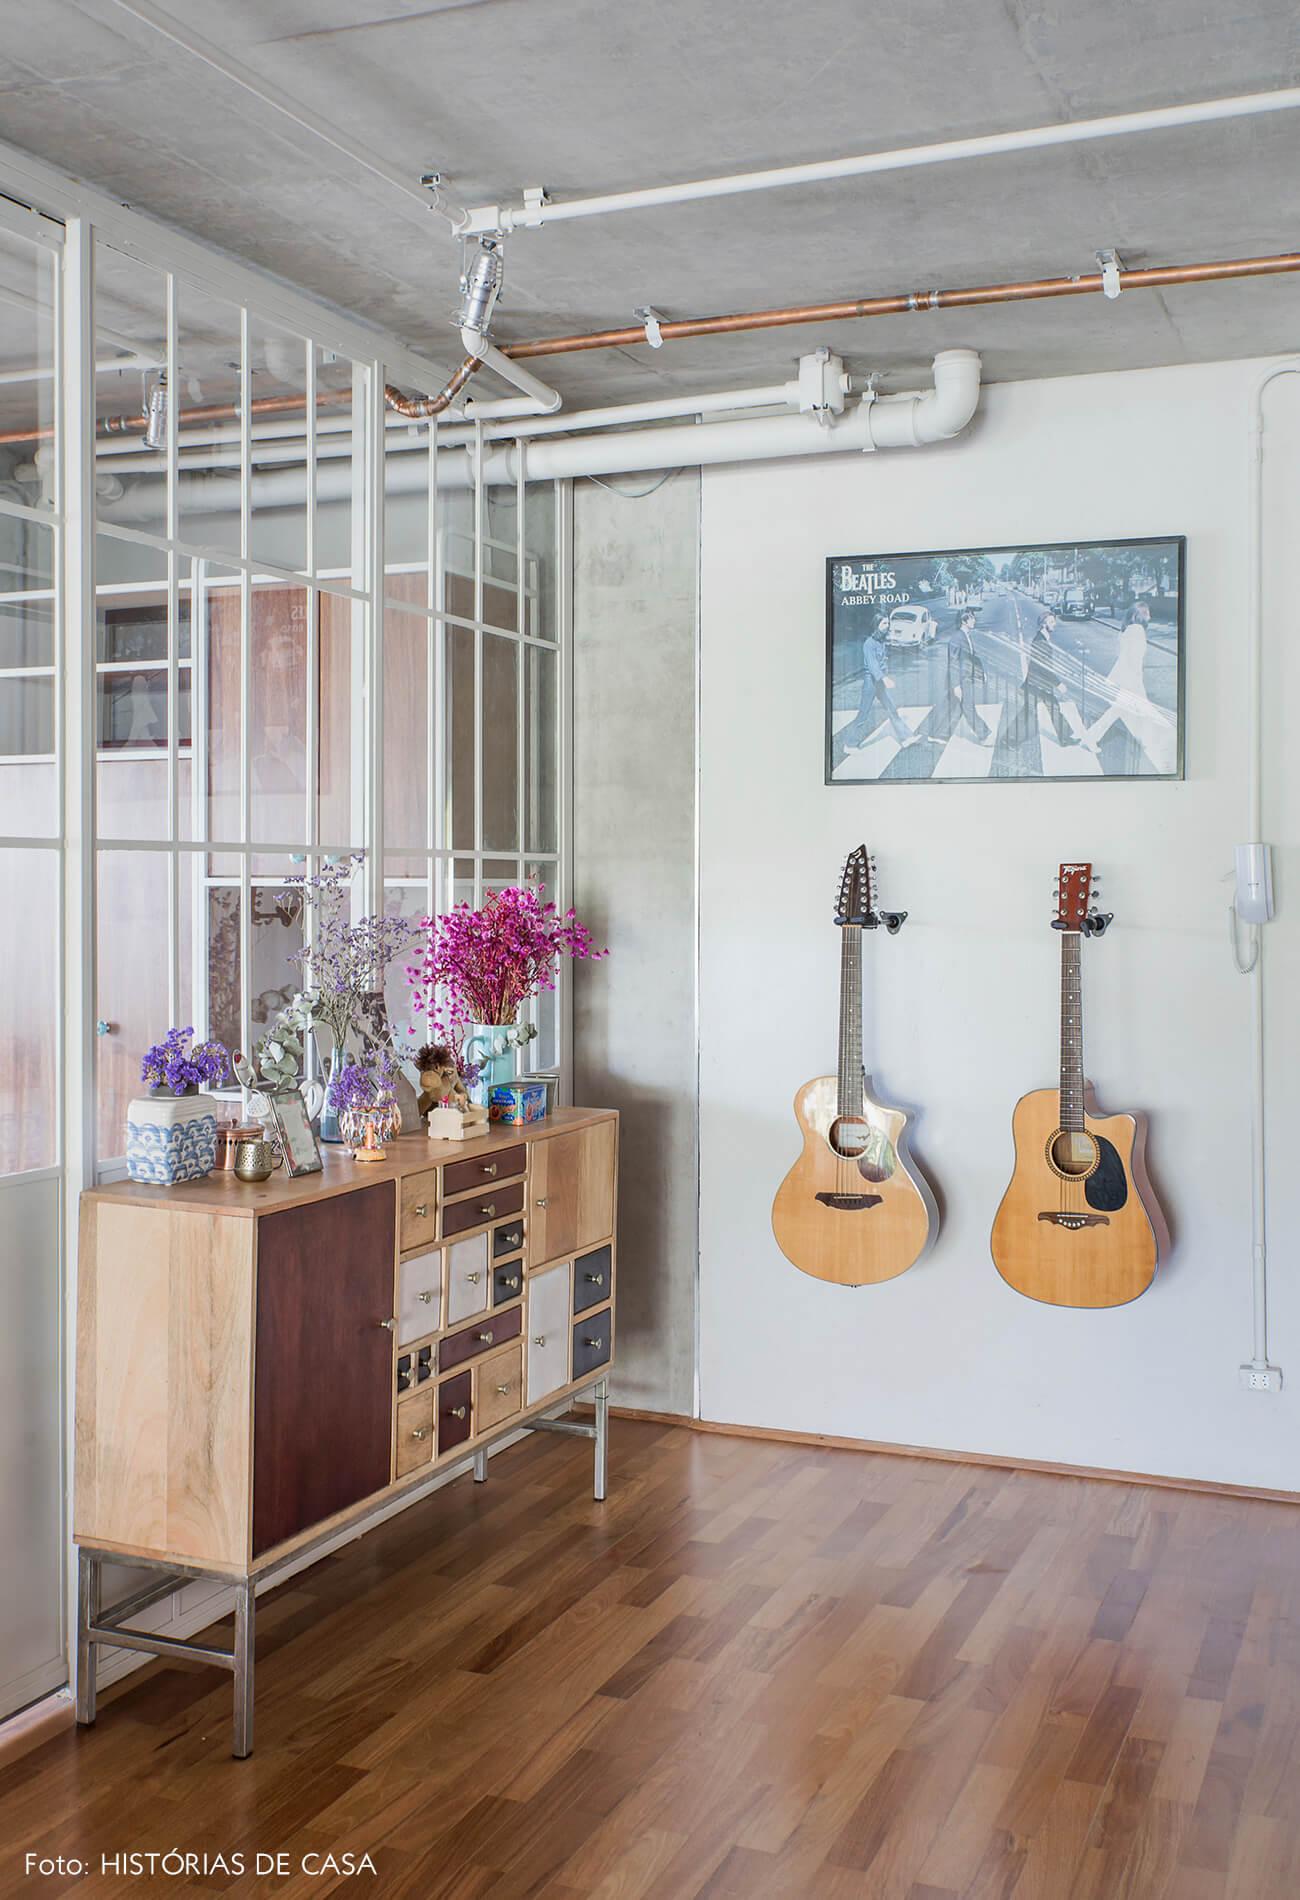 Hall de entrada com portas de serralheria e violão na parede